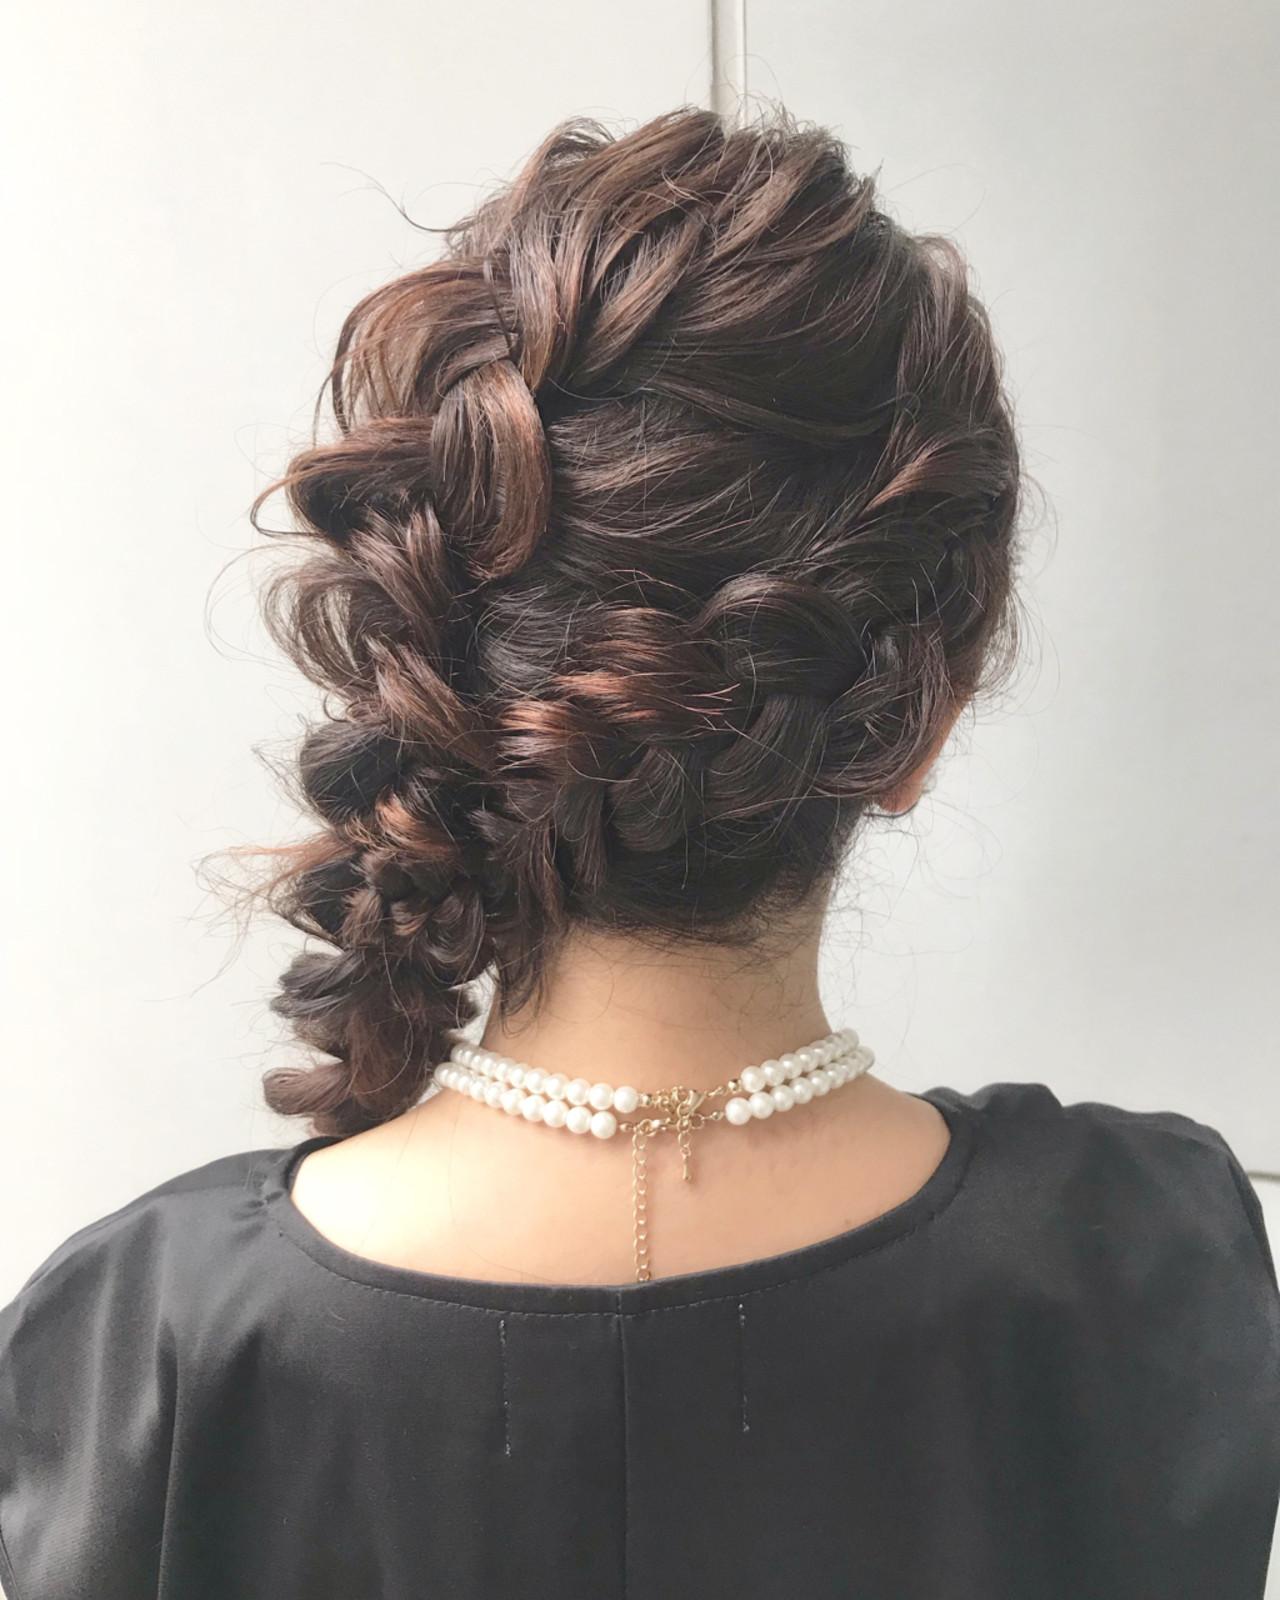 デート 簡単ヘアアレンジ ロング パーティ ヘアスタイルや髪型の写真・画像 | brisa 野田 沙織 / brisa ブリッサ